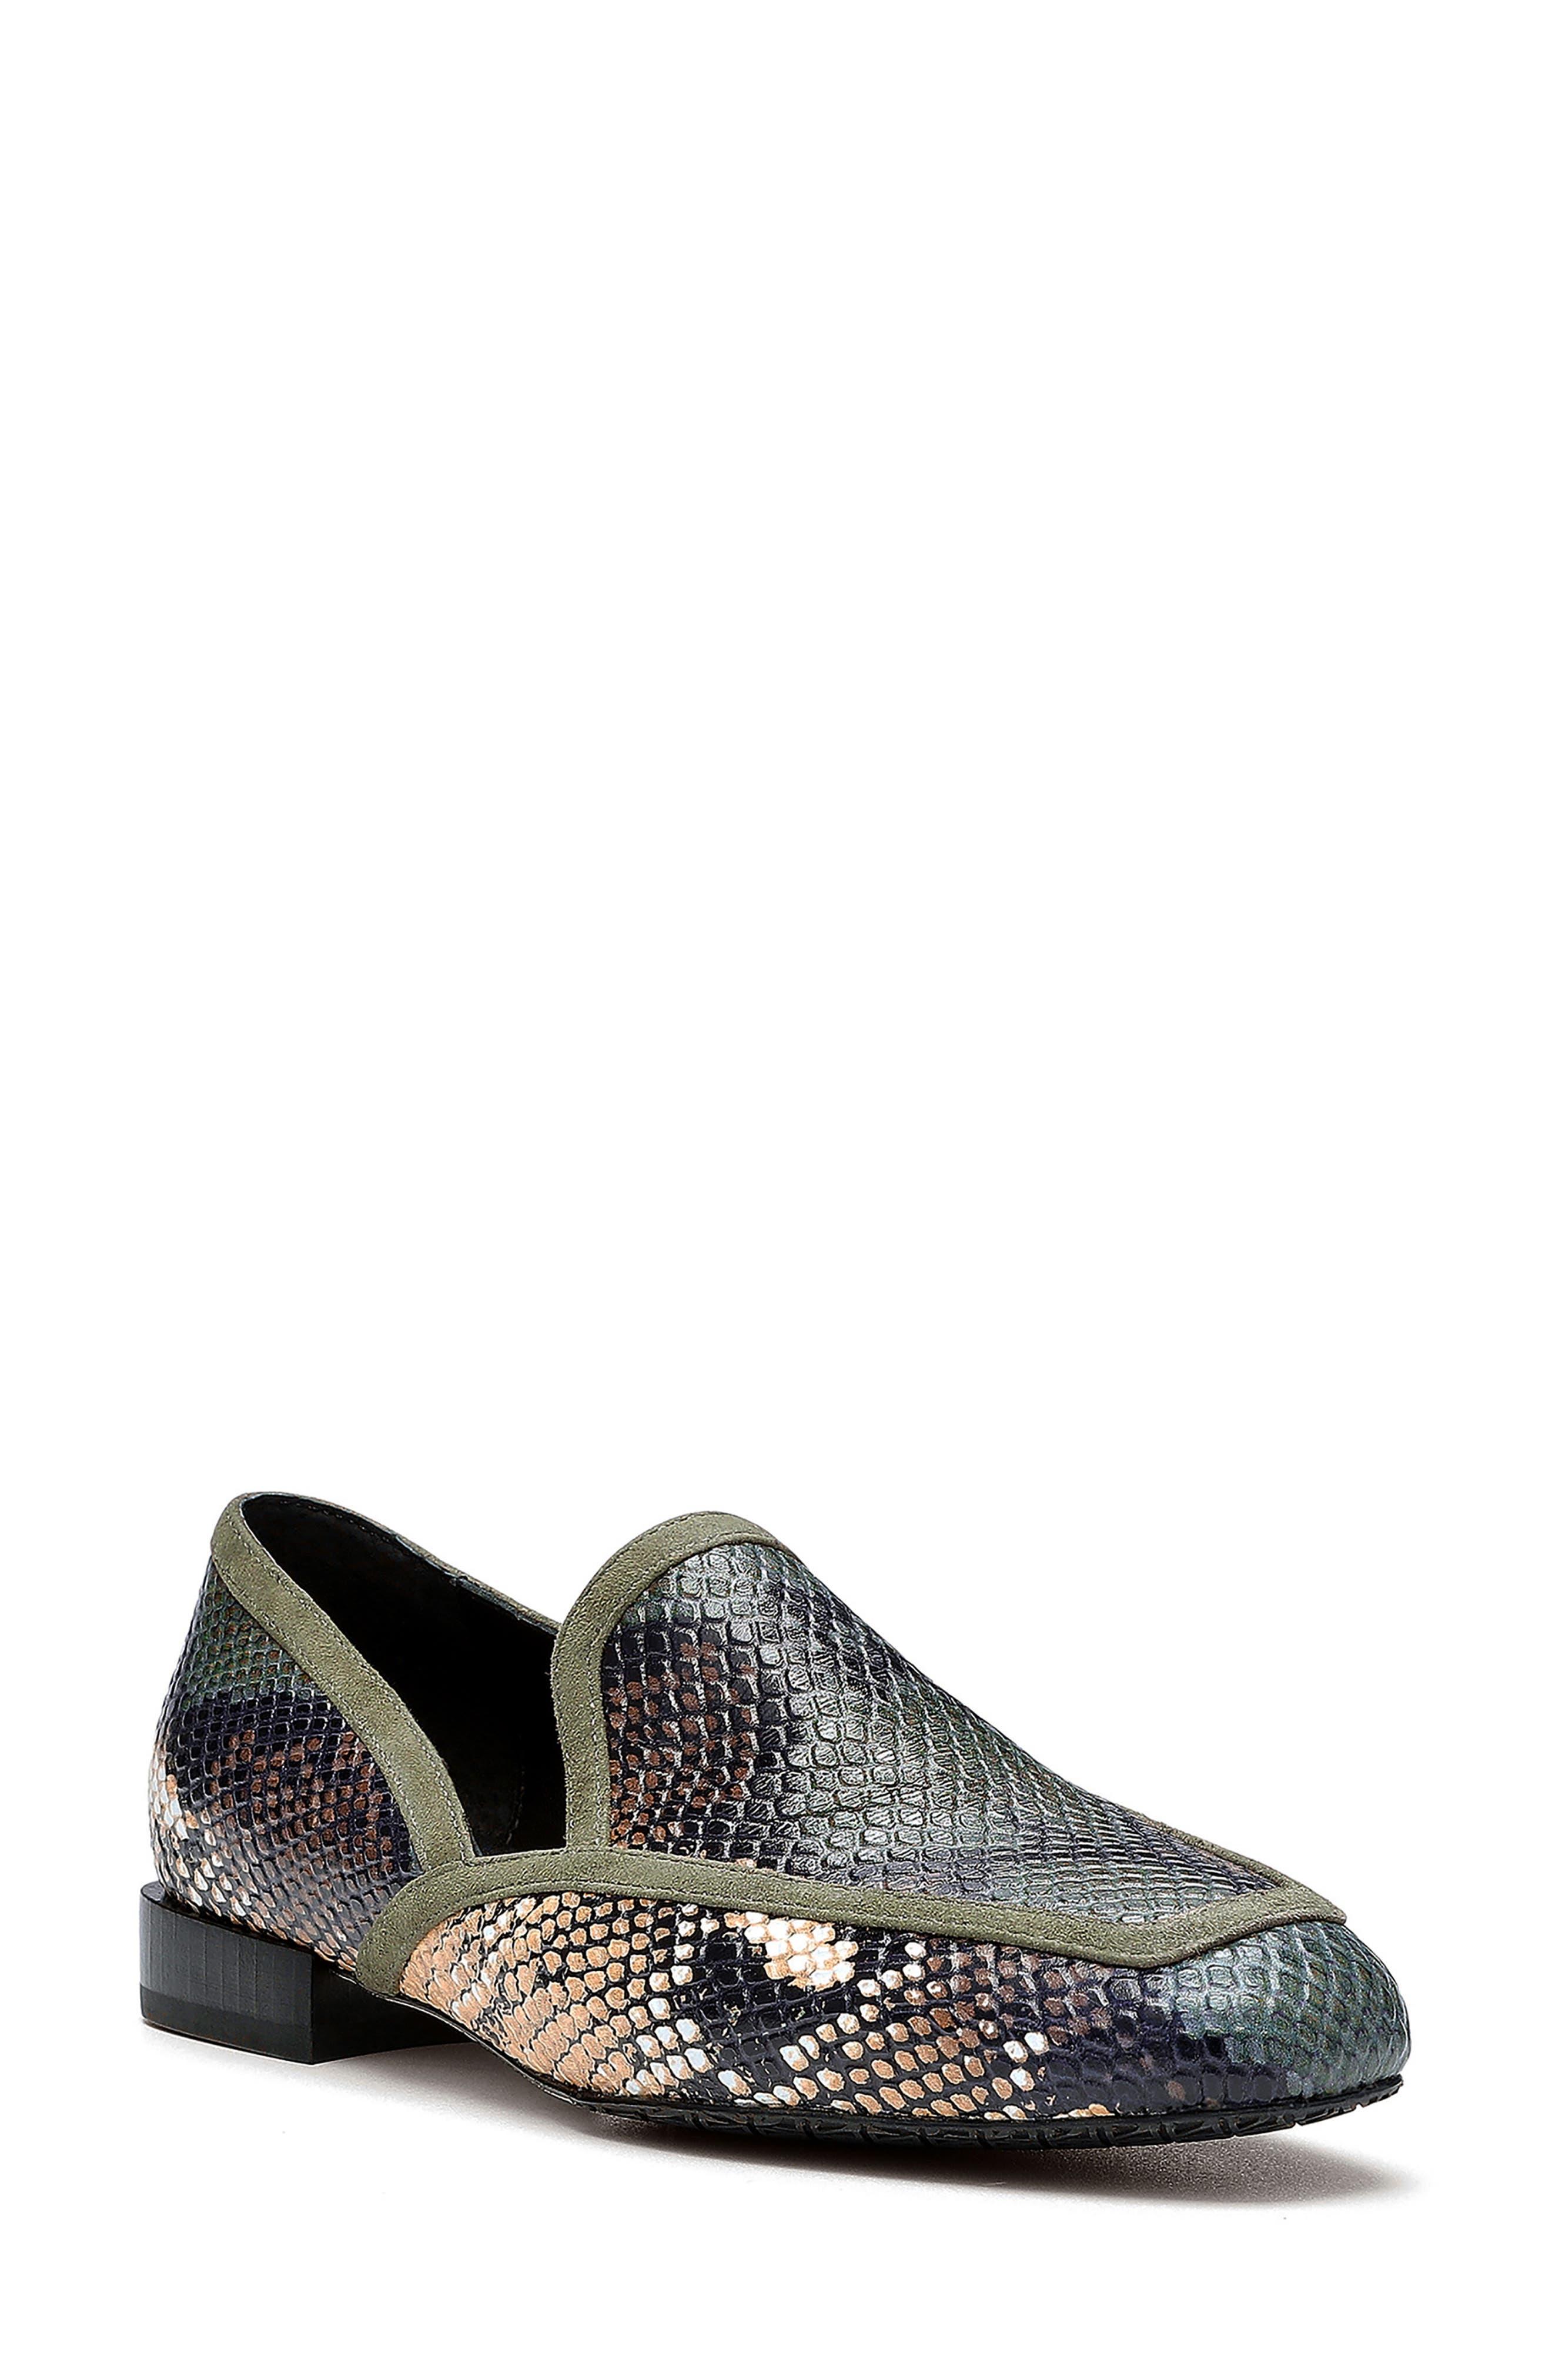 Rezza Snakeskin Print Loafer